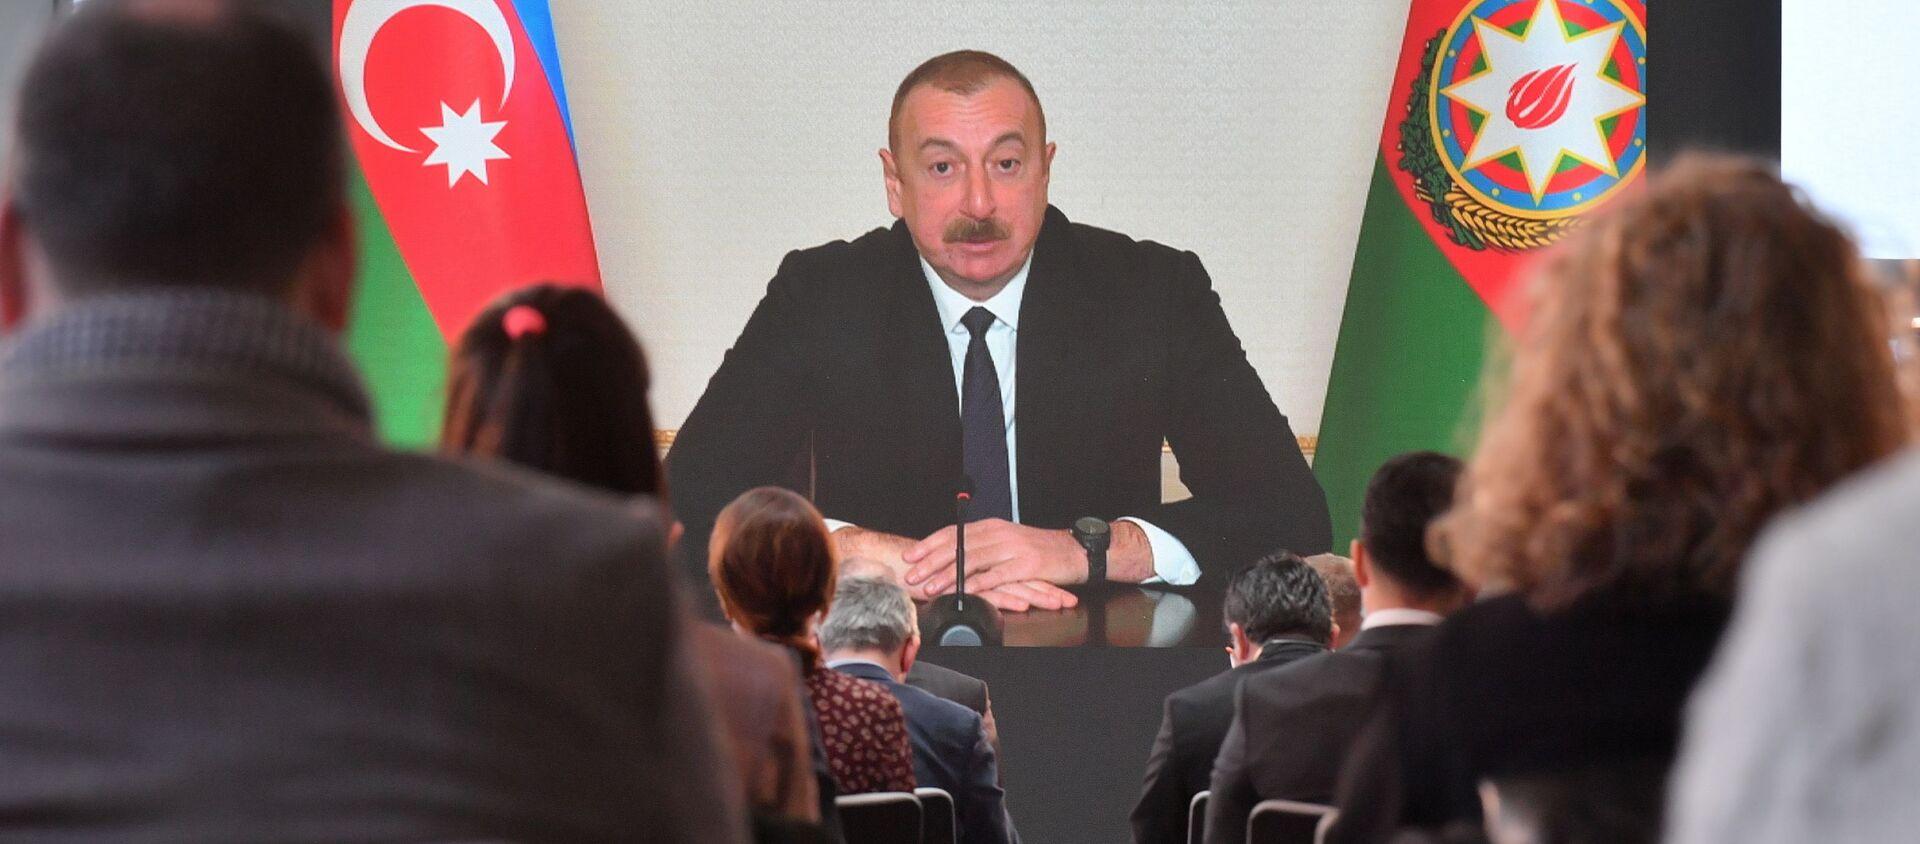 Prezydent Azerbejdżanu Ilham Alijew przemawia na konferencji prasowej dla przedstawicieli lokalnych i zagranicznych mediów podczas telekonferencji w Baku w Azerbejdżanie - Sputnik Polska, 1920, 26.02.2021